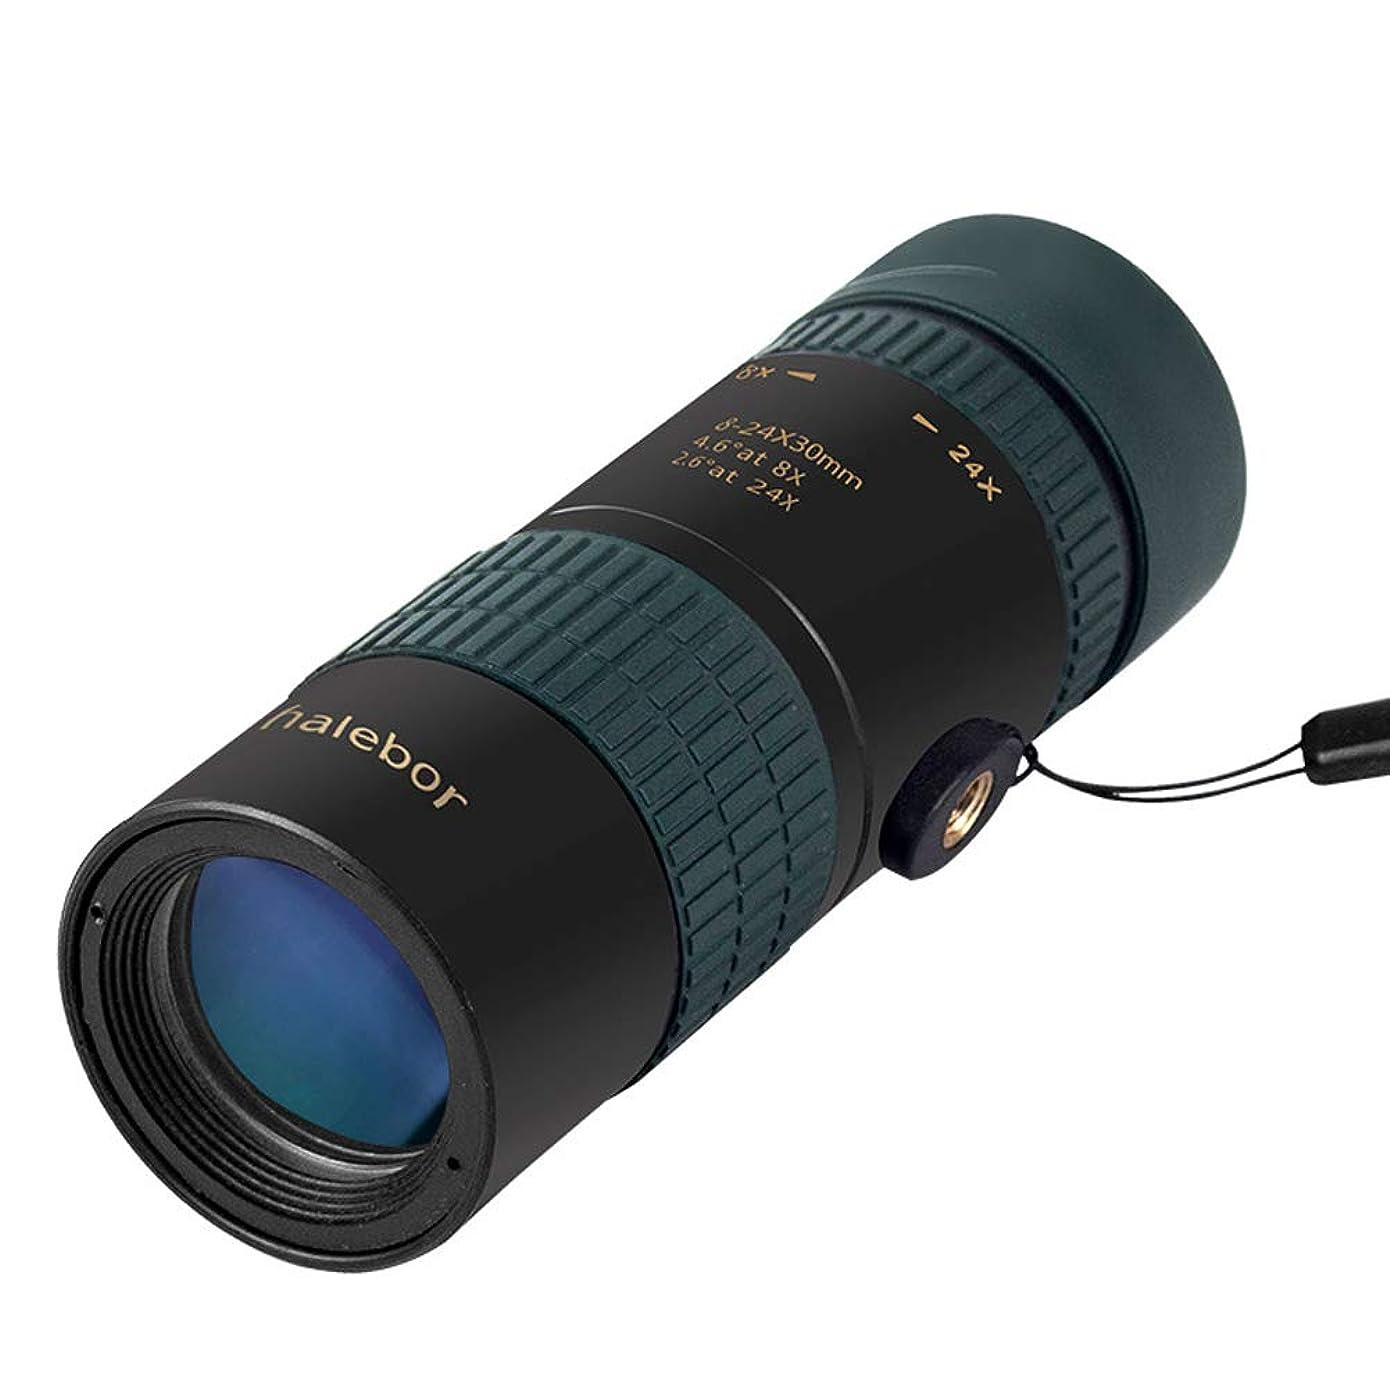 バーゲン件名発行する単眼8-24x30ミニポータブル連続ズームフル光学ガラスコンサート屋外の風景